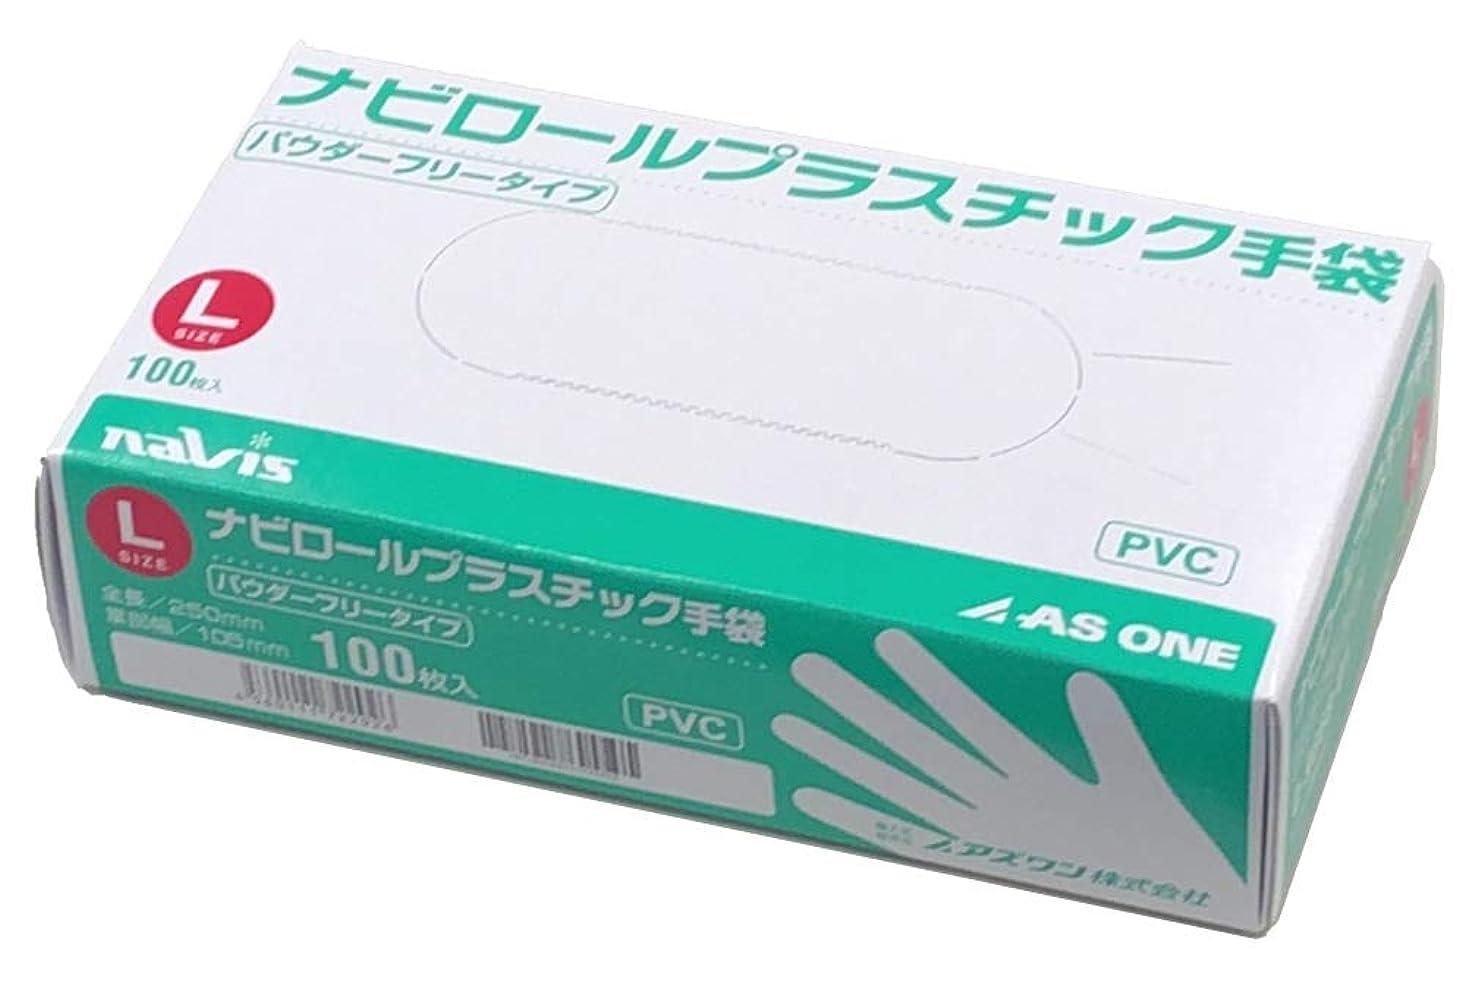 砦頭蓋骨挨拶アズワン ナビロールプラスチック手袋(パウダーフリー) L 100枚入